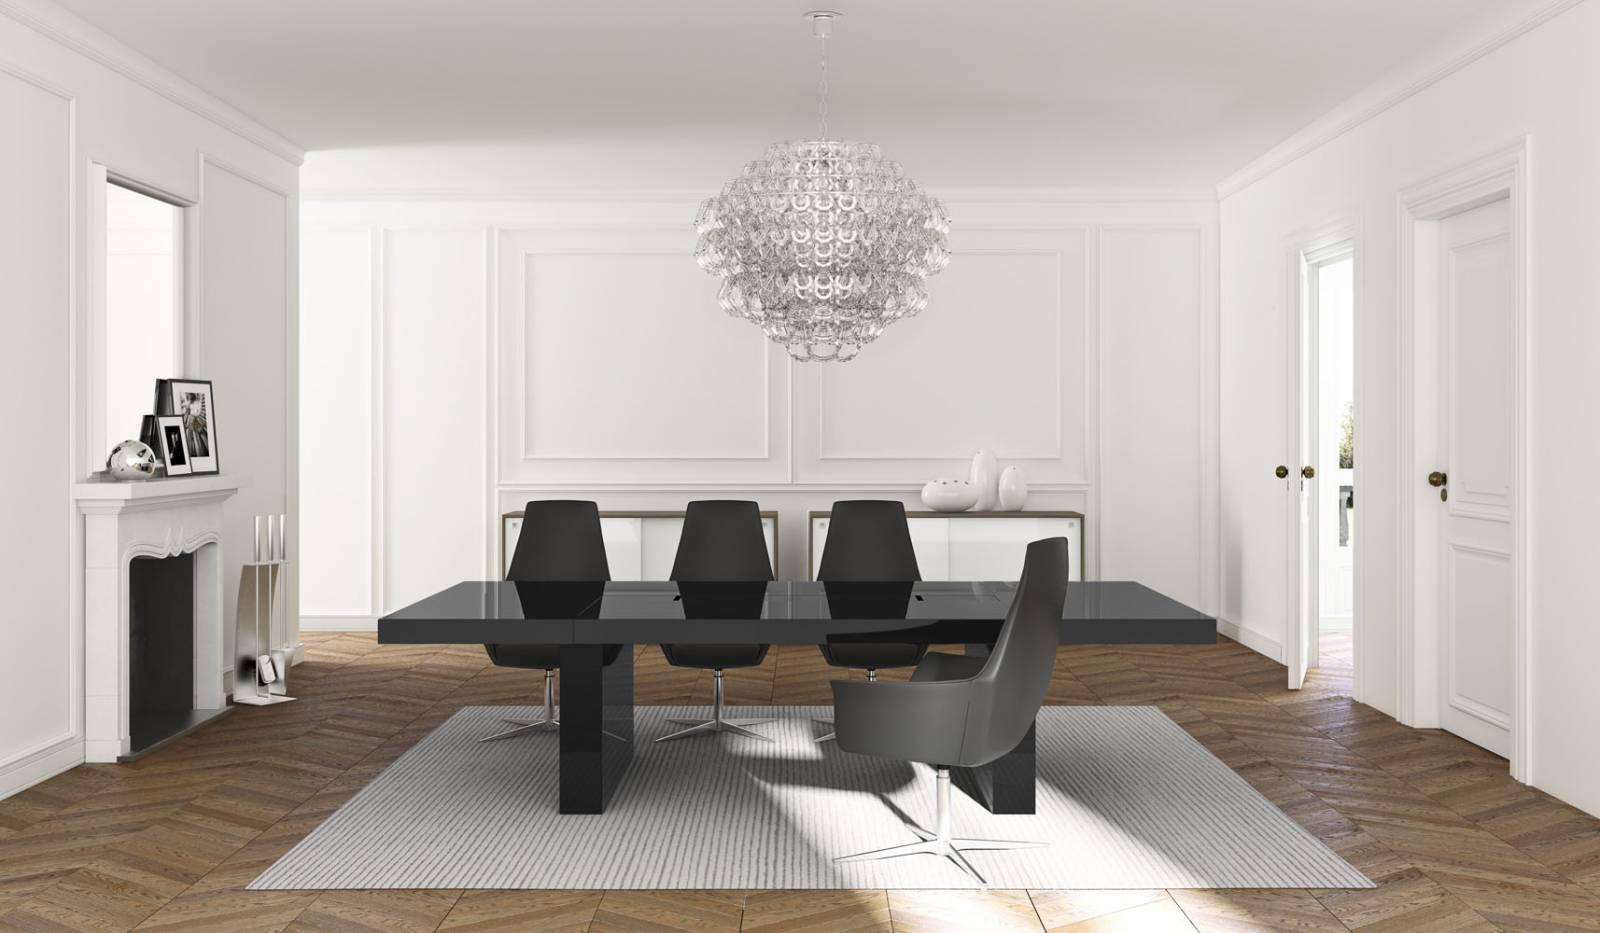 Table de réunion avec plateau en verre et bande centrale laqué noire. Sur Aix en Provence.